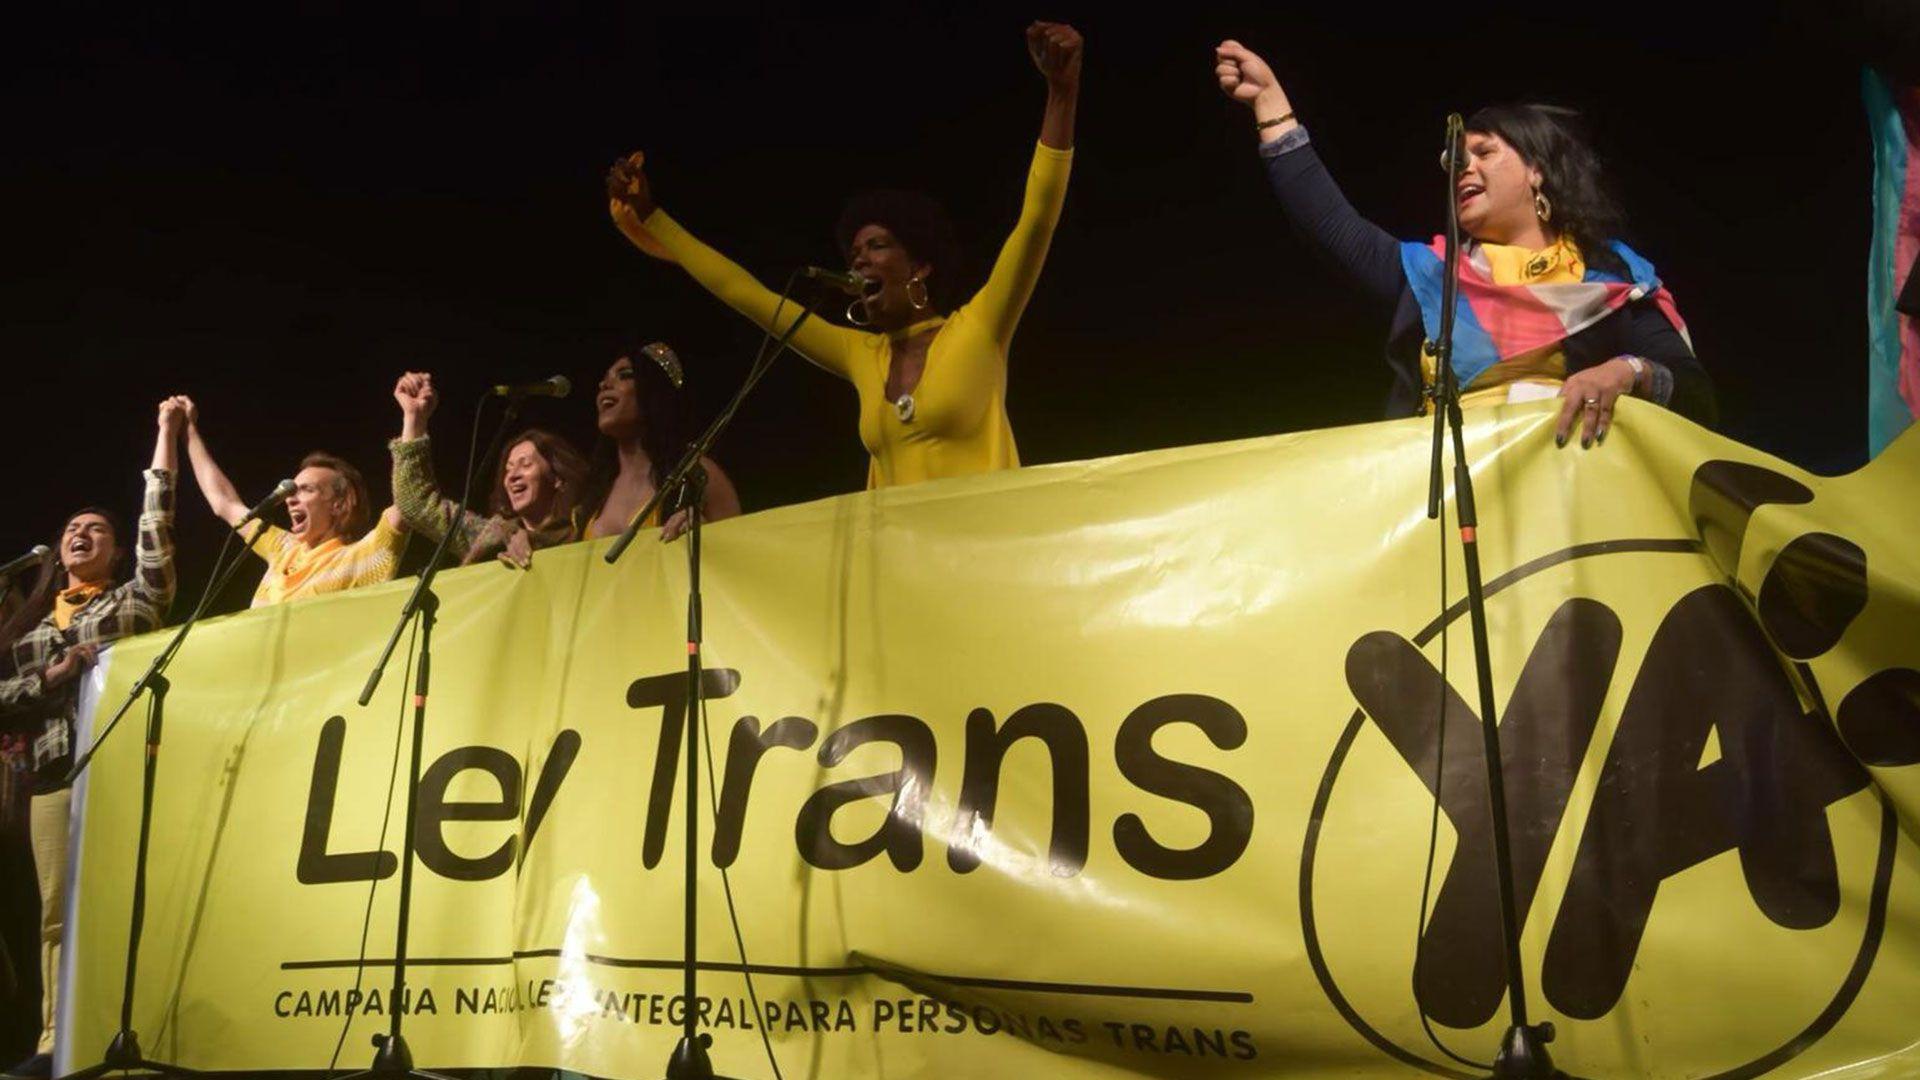 El 19 de octubre del año pasado se aprobó la Ley Integral de Personas Trans que grupos evangelistas quisieron derogar este domingo